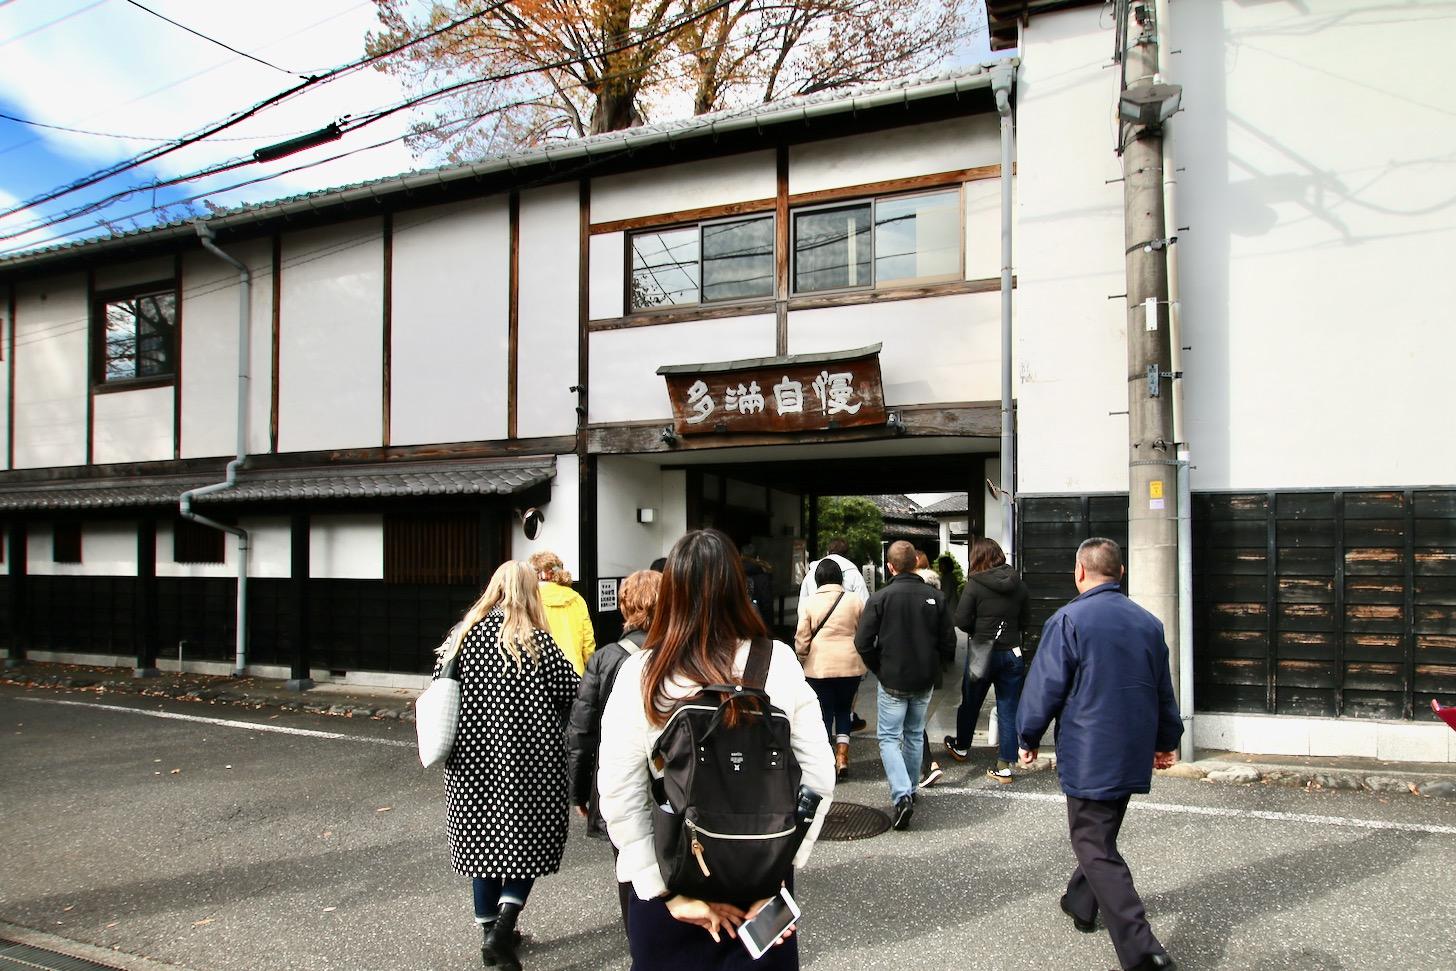 石川酒造 多摩エリアの日本酒酒造を巡るインバウンドモニターツアー